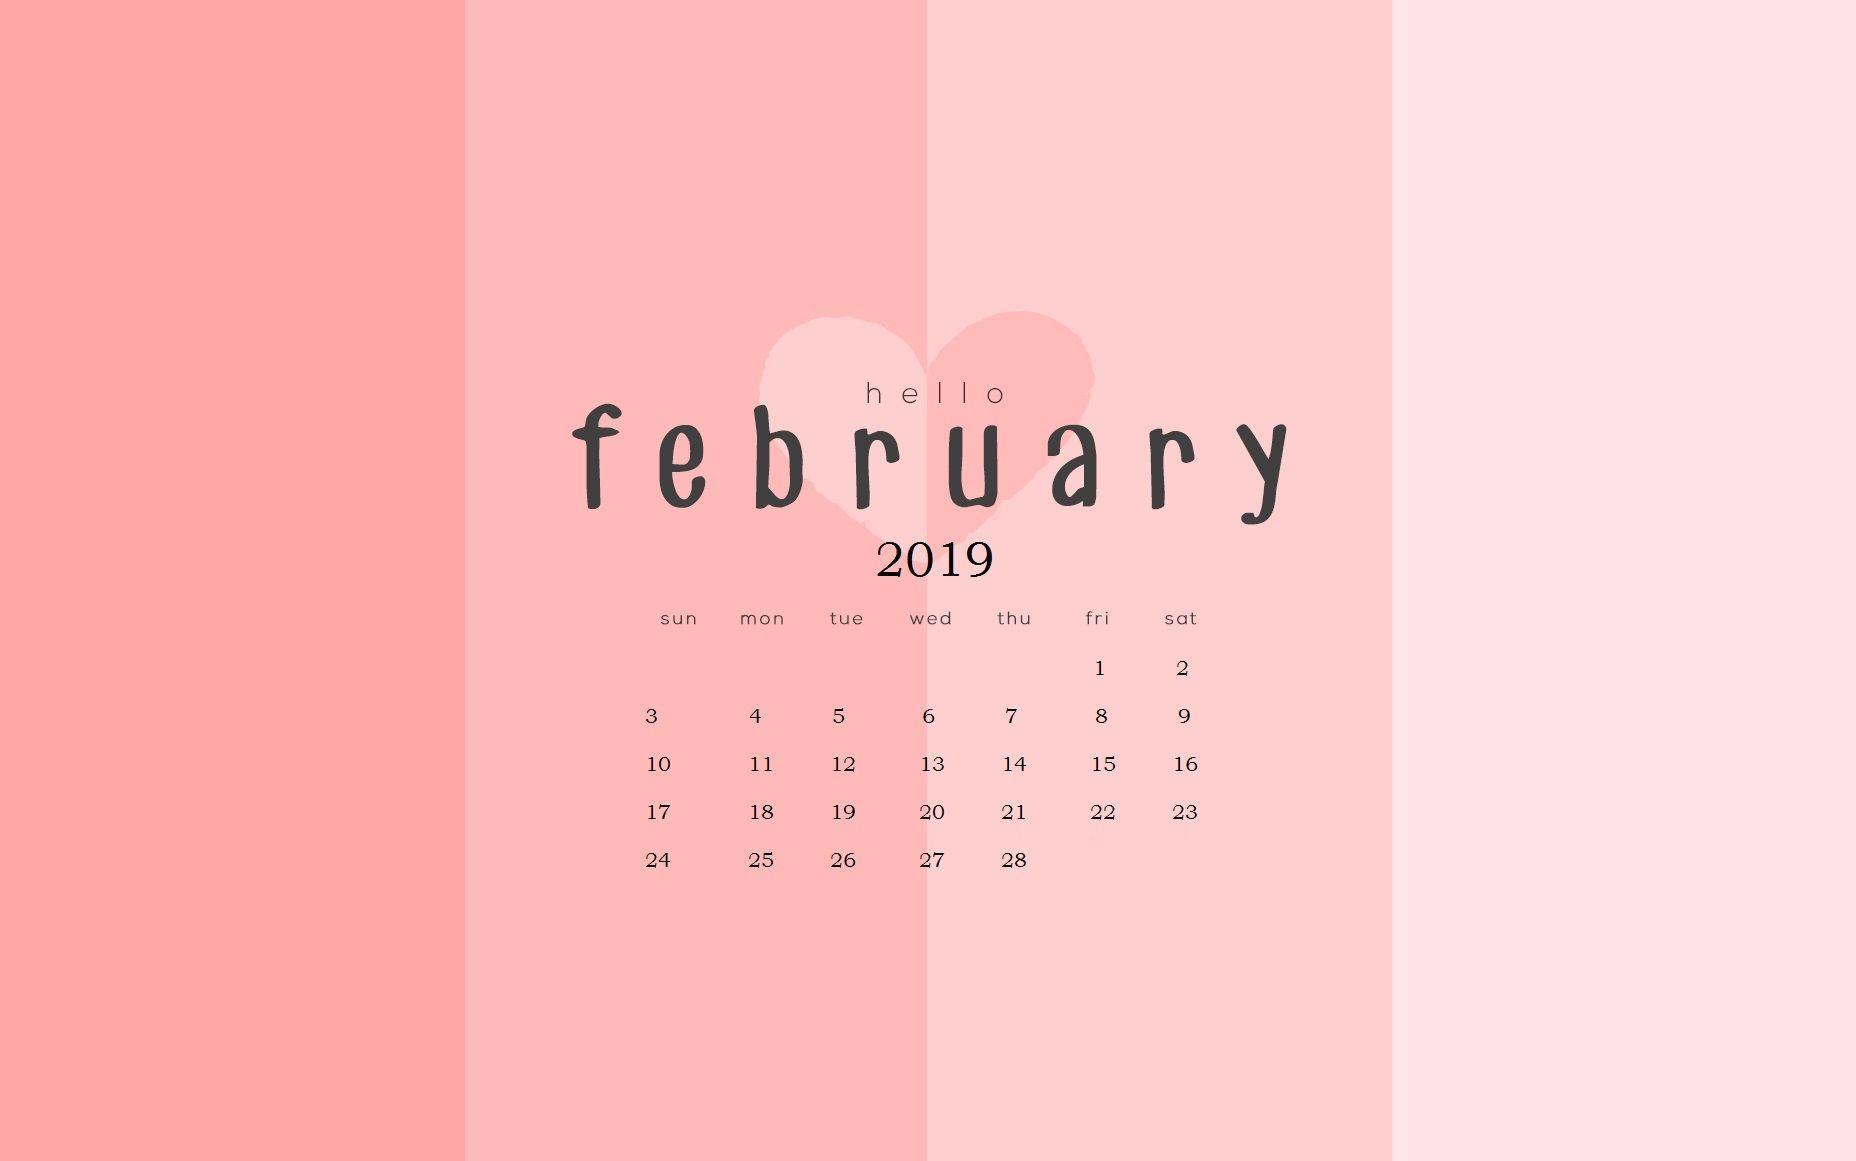 2019 February Calendar Buzz Wallpaper Calendars February 2019 Calendar Wallpapers   Wallpaper Cave